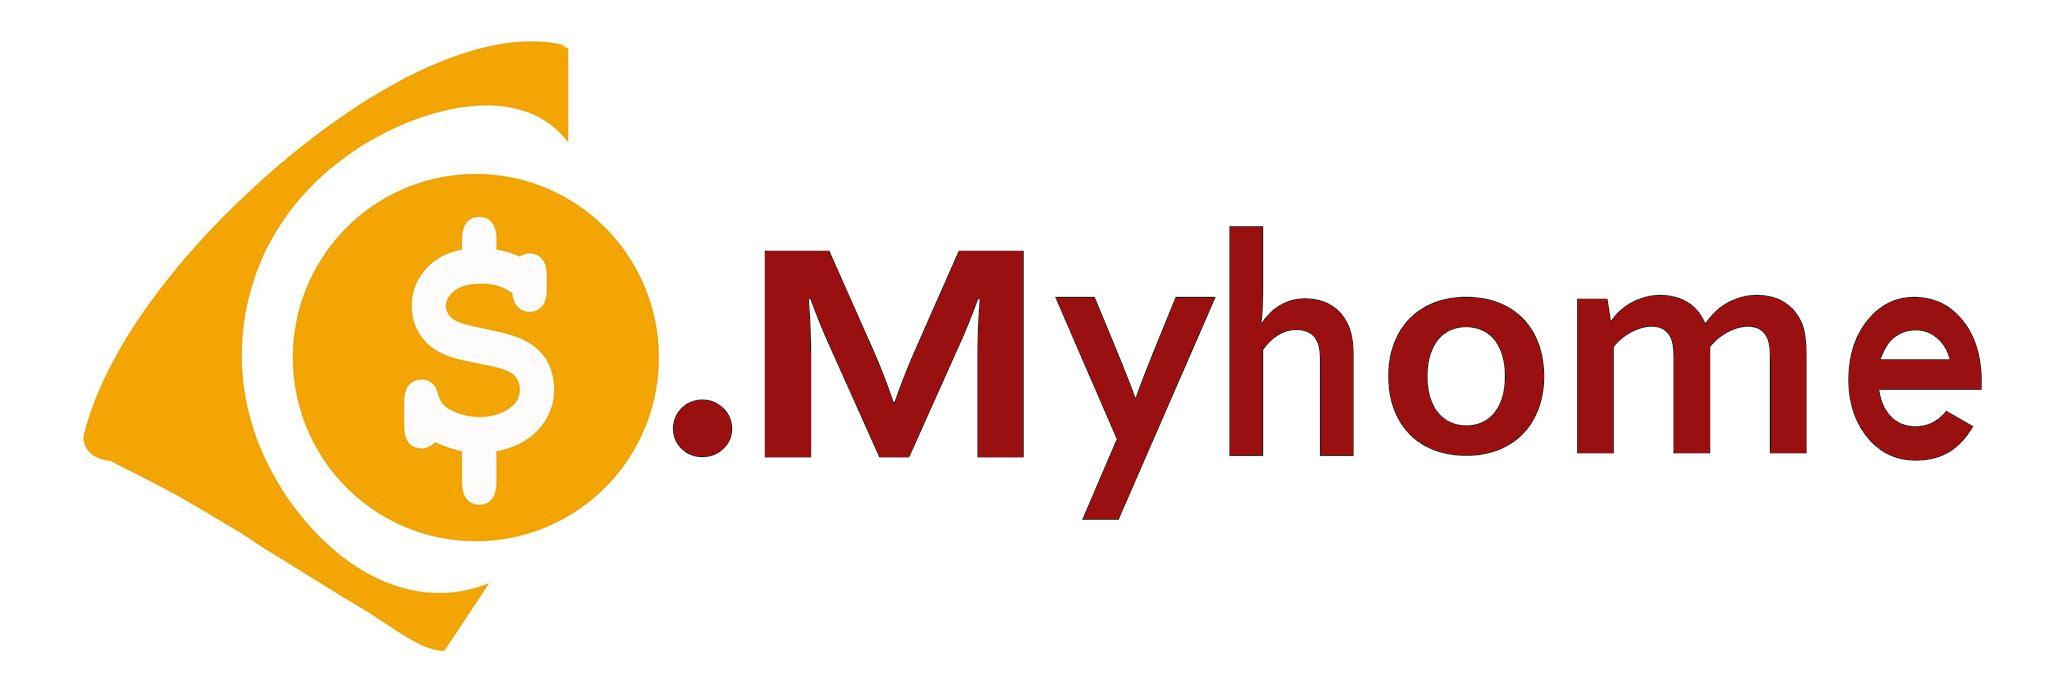 SMyhome - Đồ gỗ xuất khẩu Việt Nam